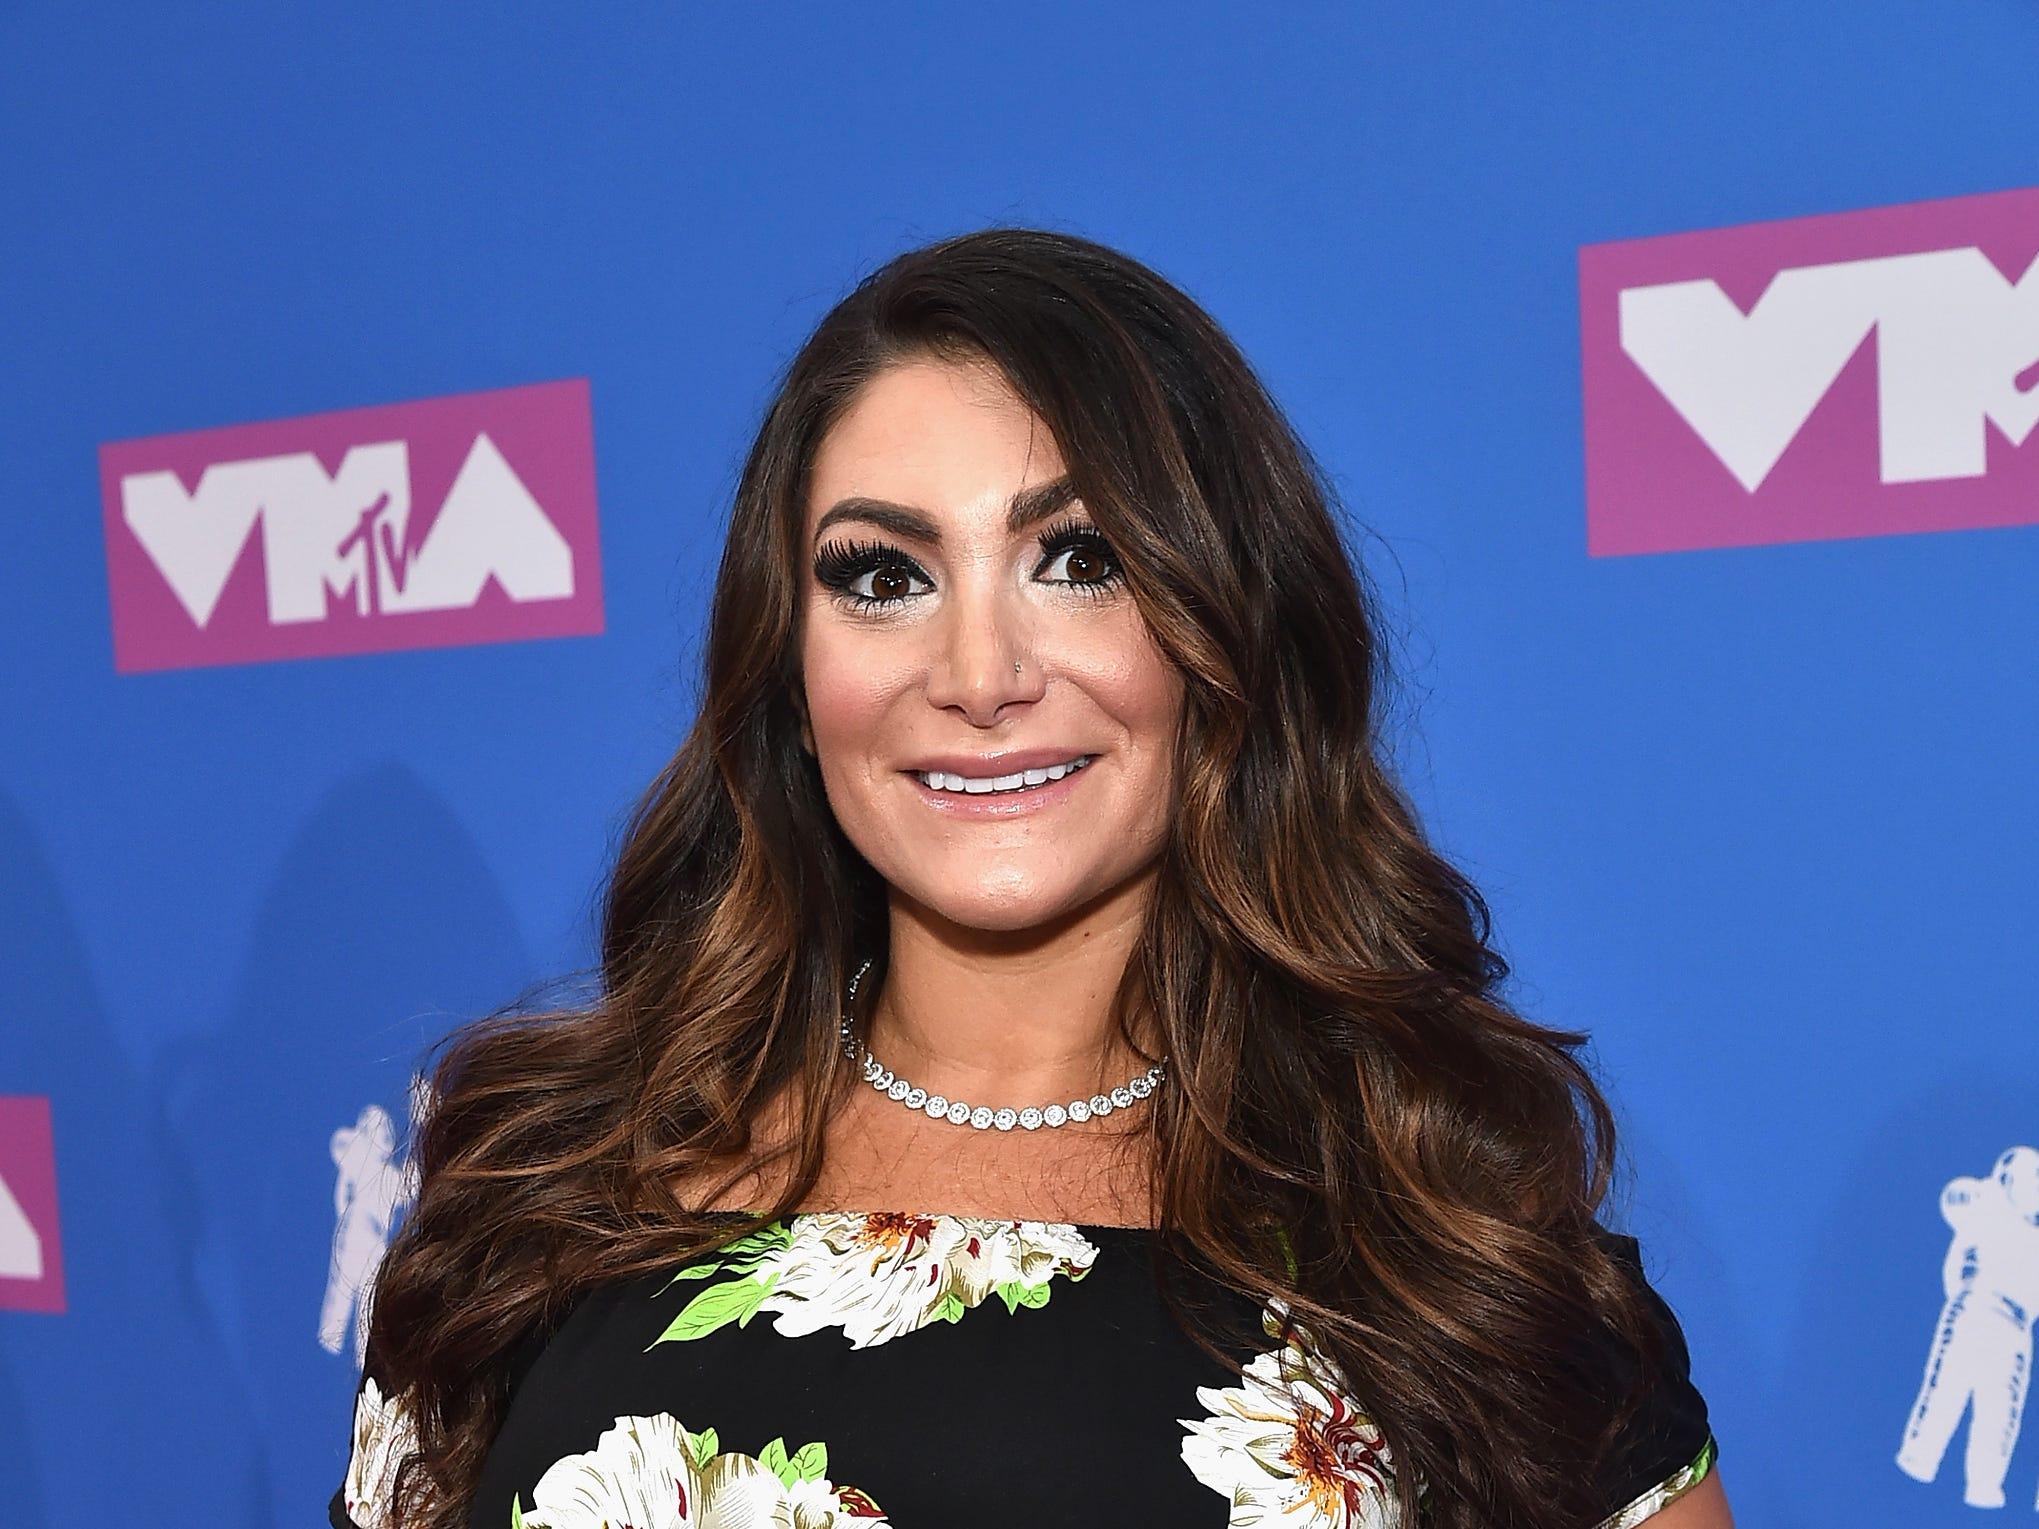 Deena Nicole Cortese asiste a los MTV Video Music Awards 2018 en el Radio City Music Hall el 20 de agosto de 2018 en la ciudad de Nueva York.